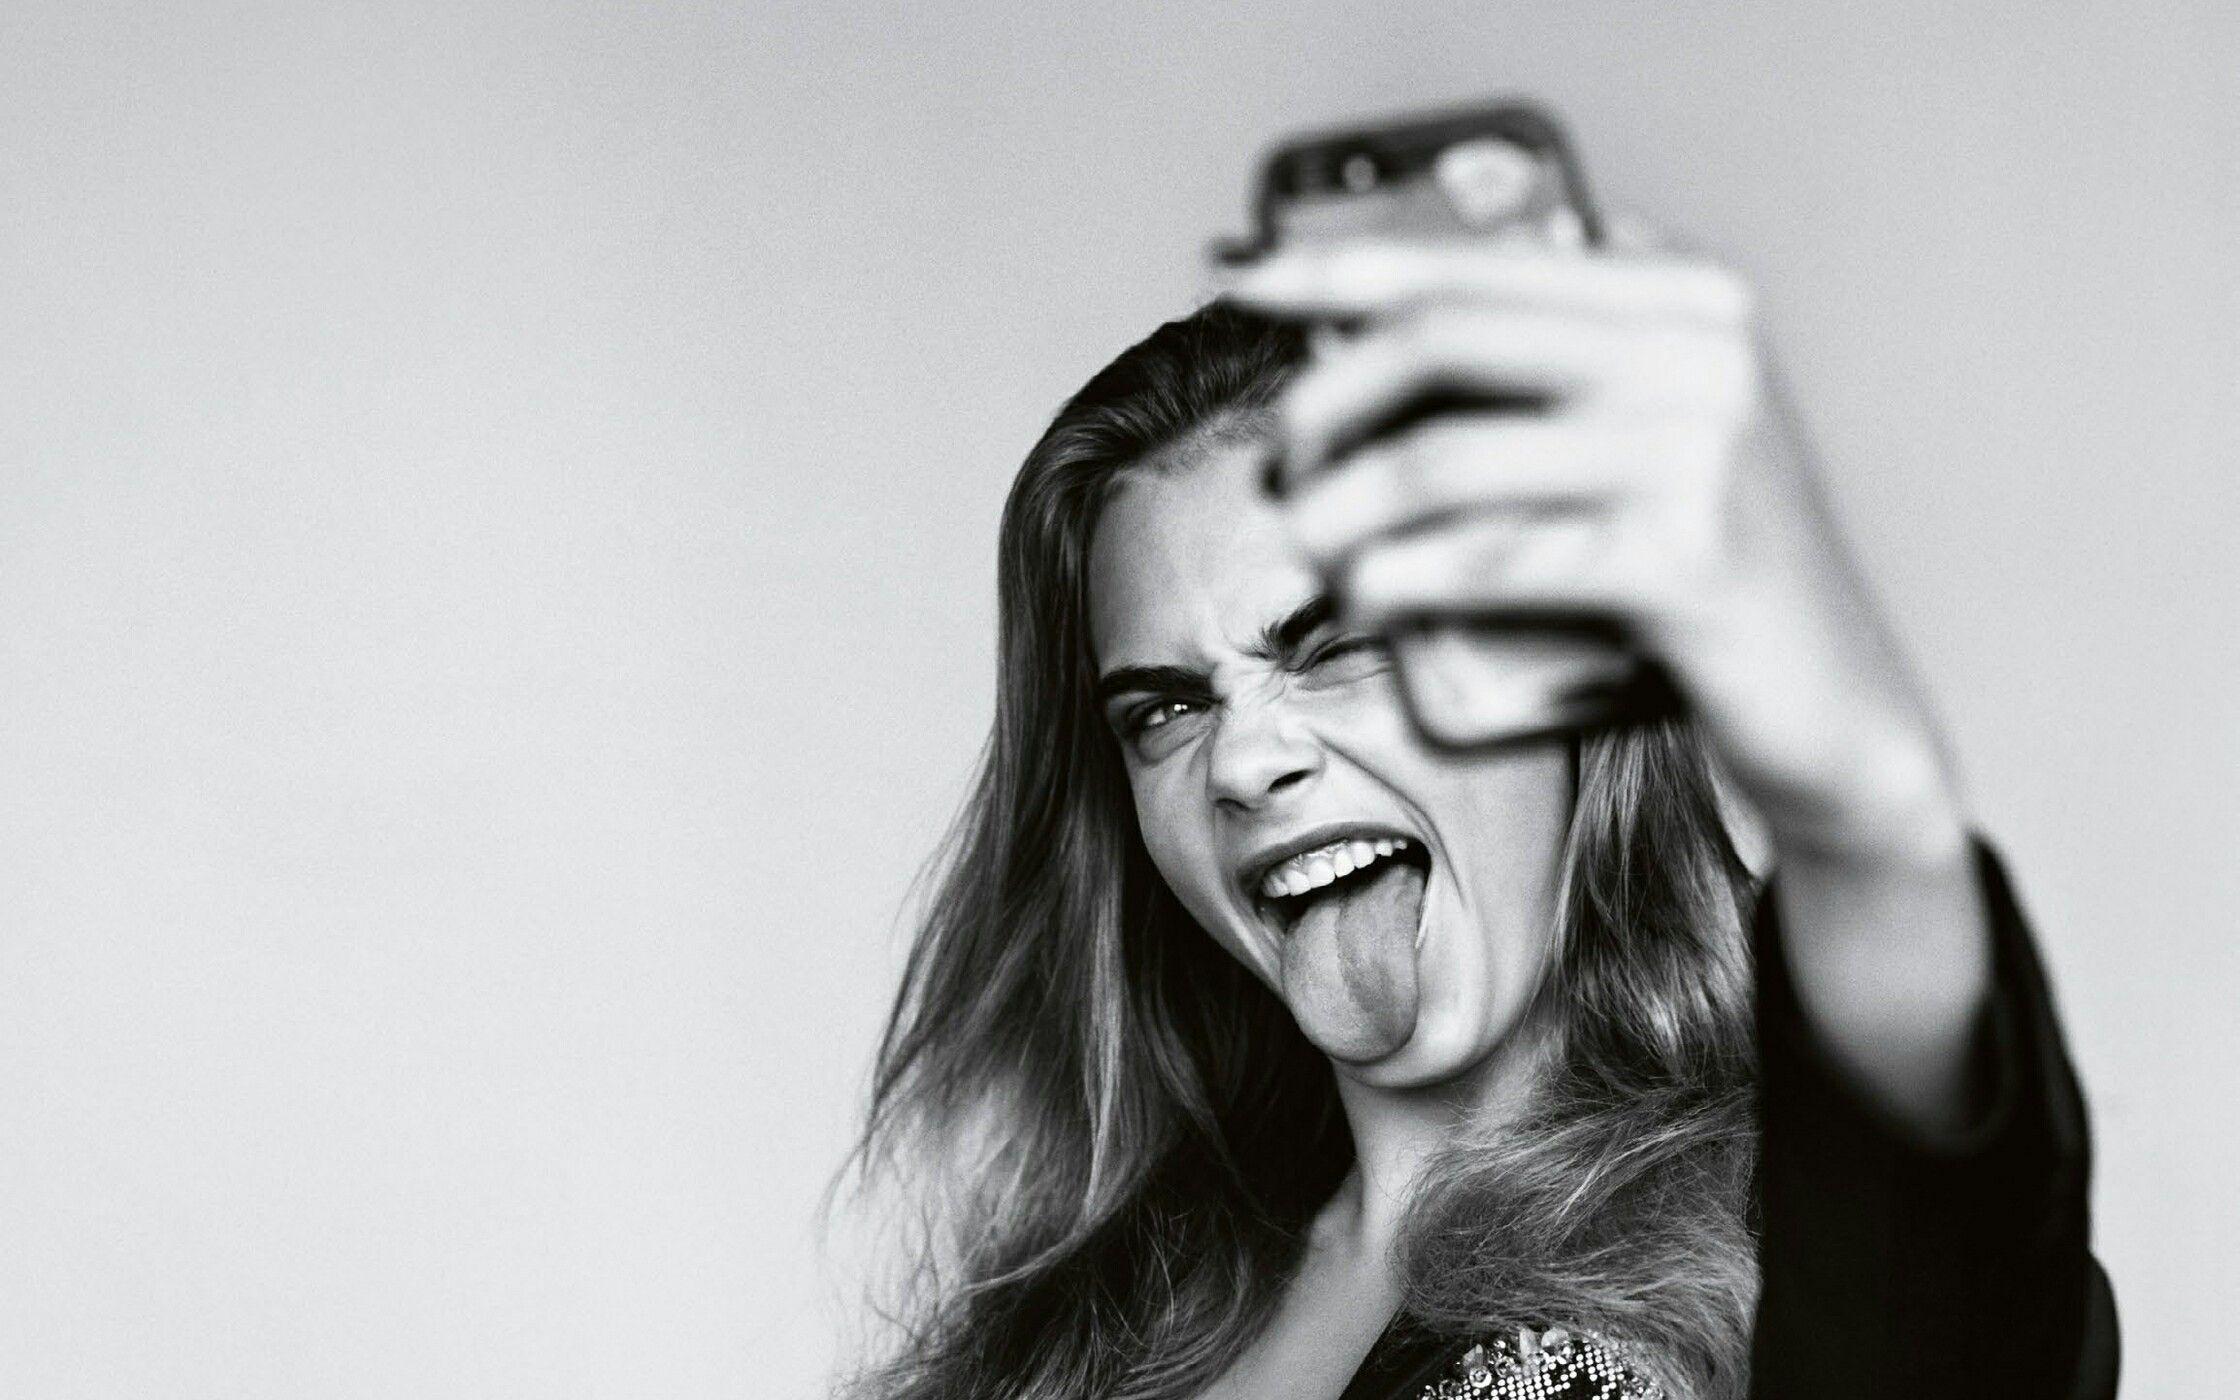 Selfie Cara Delevingne nude photos 2019